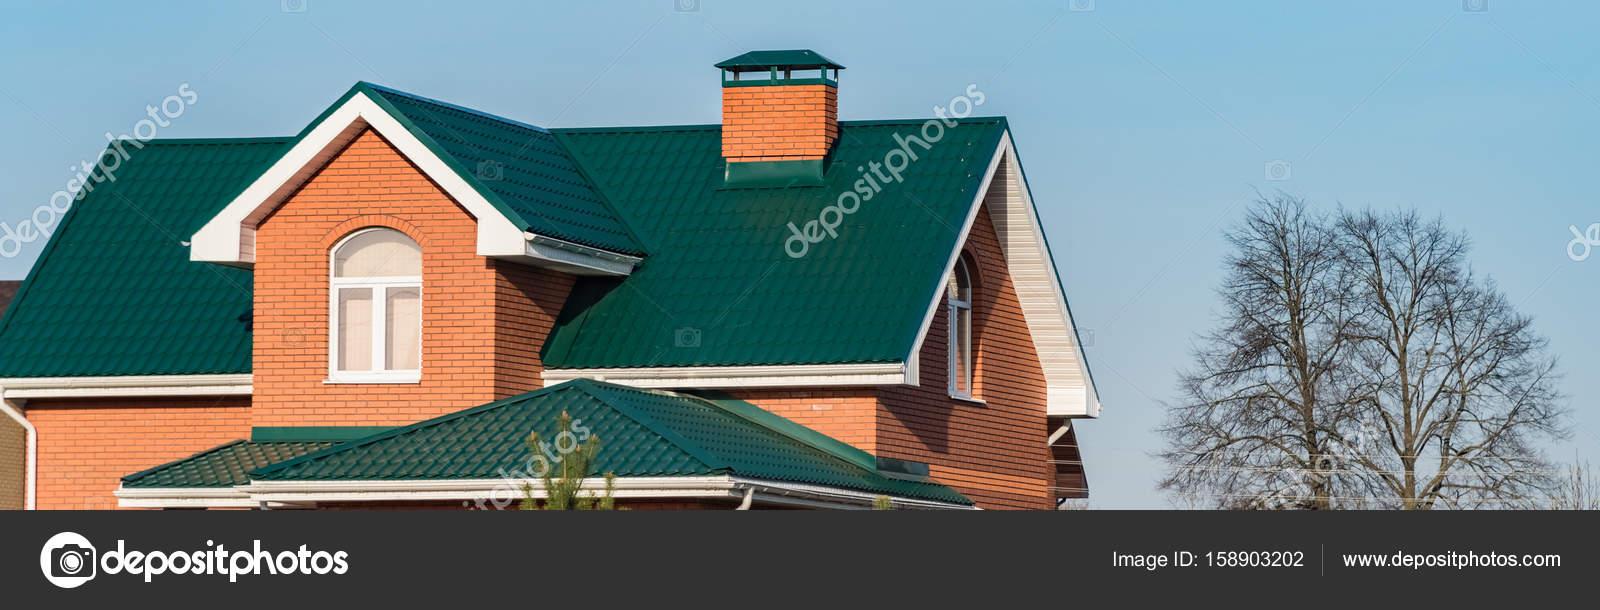 Casa Con Una Ventana De Techo A Dos Aguas